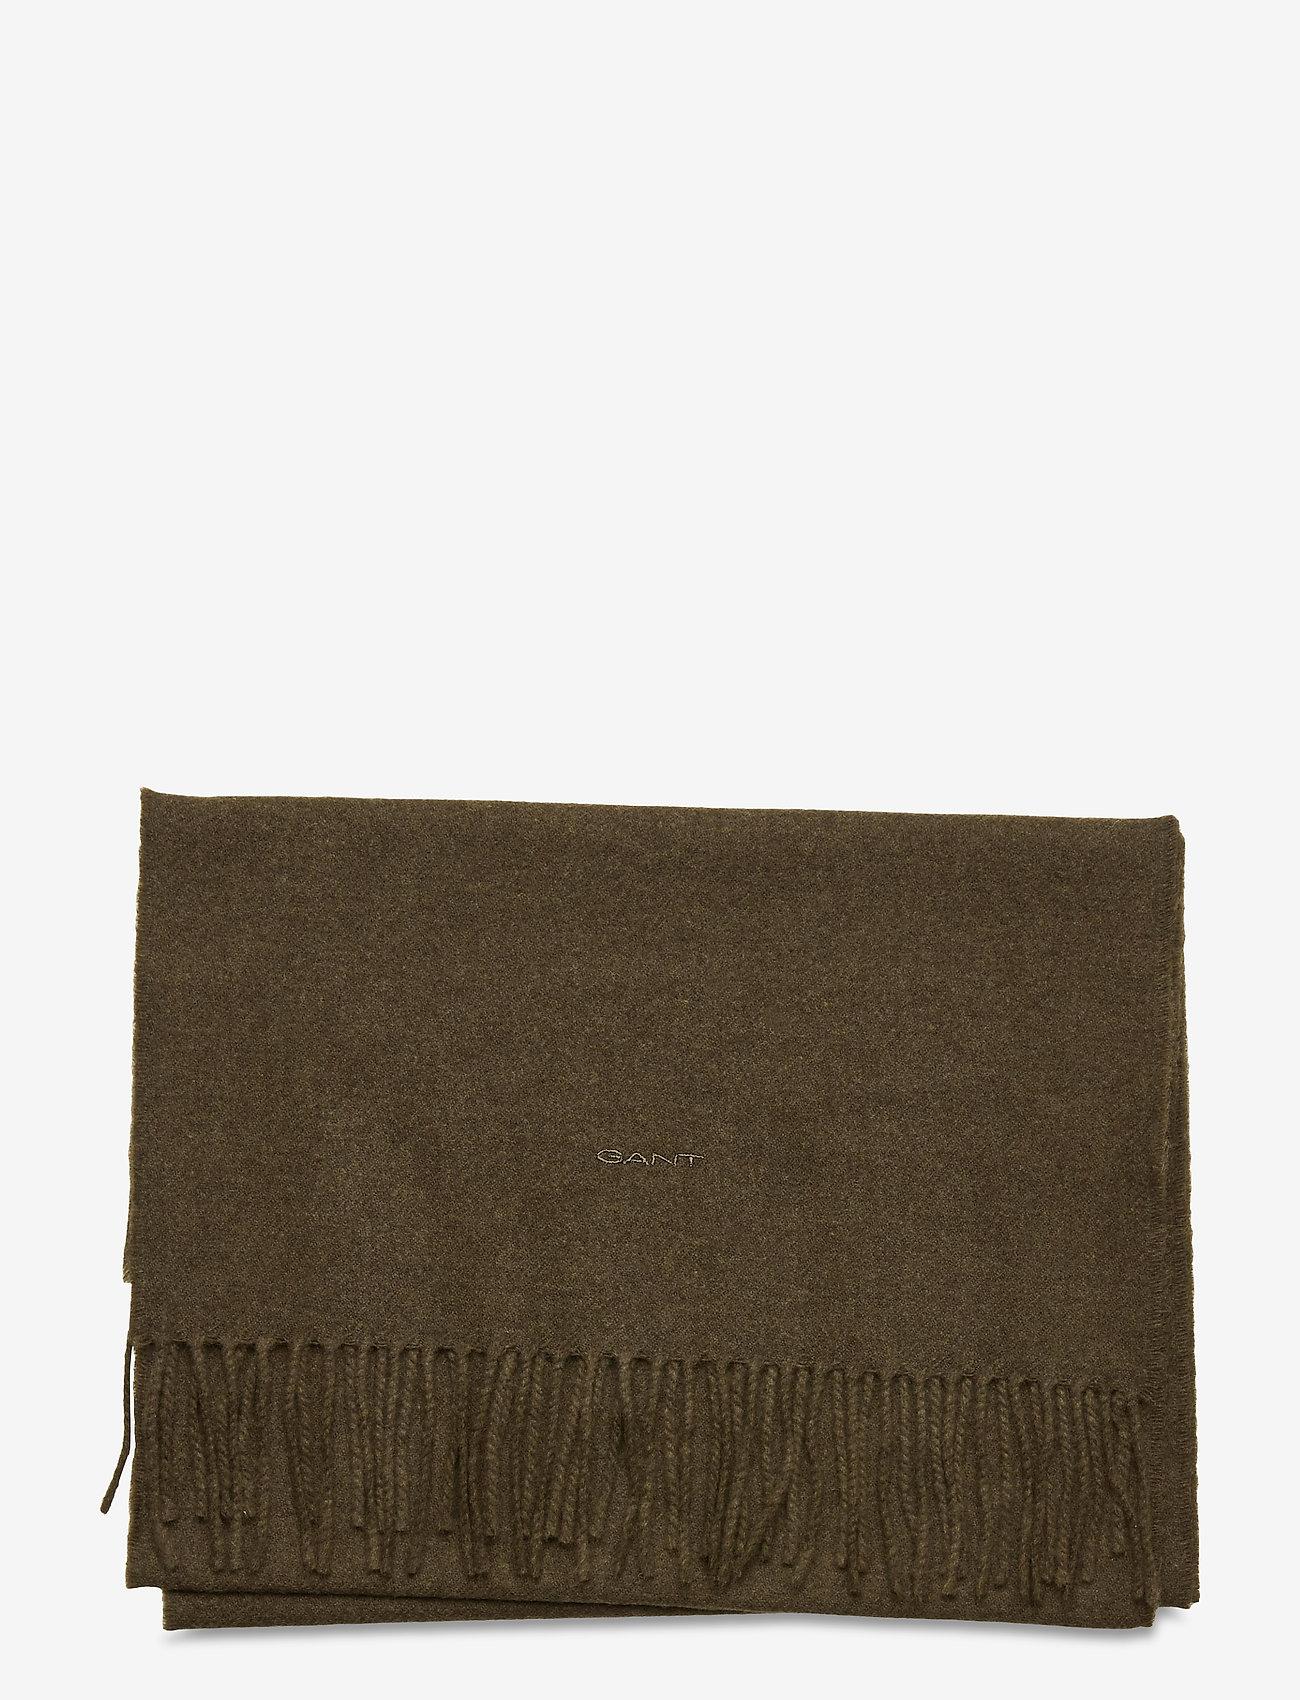 GANT - SOLID WOOL SCARF - scarves - dark cactus - 1